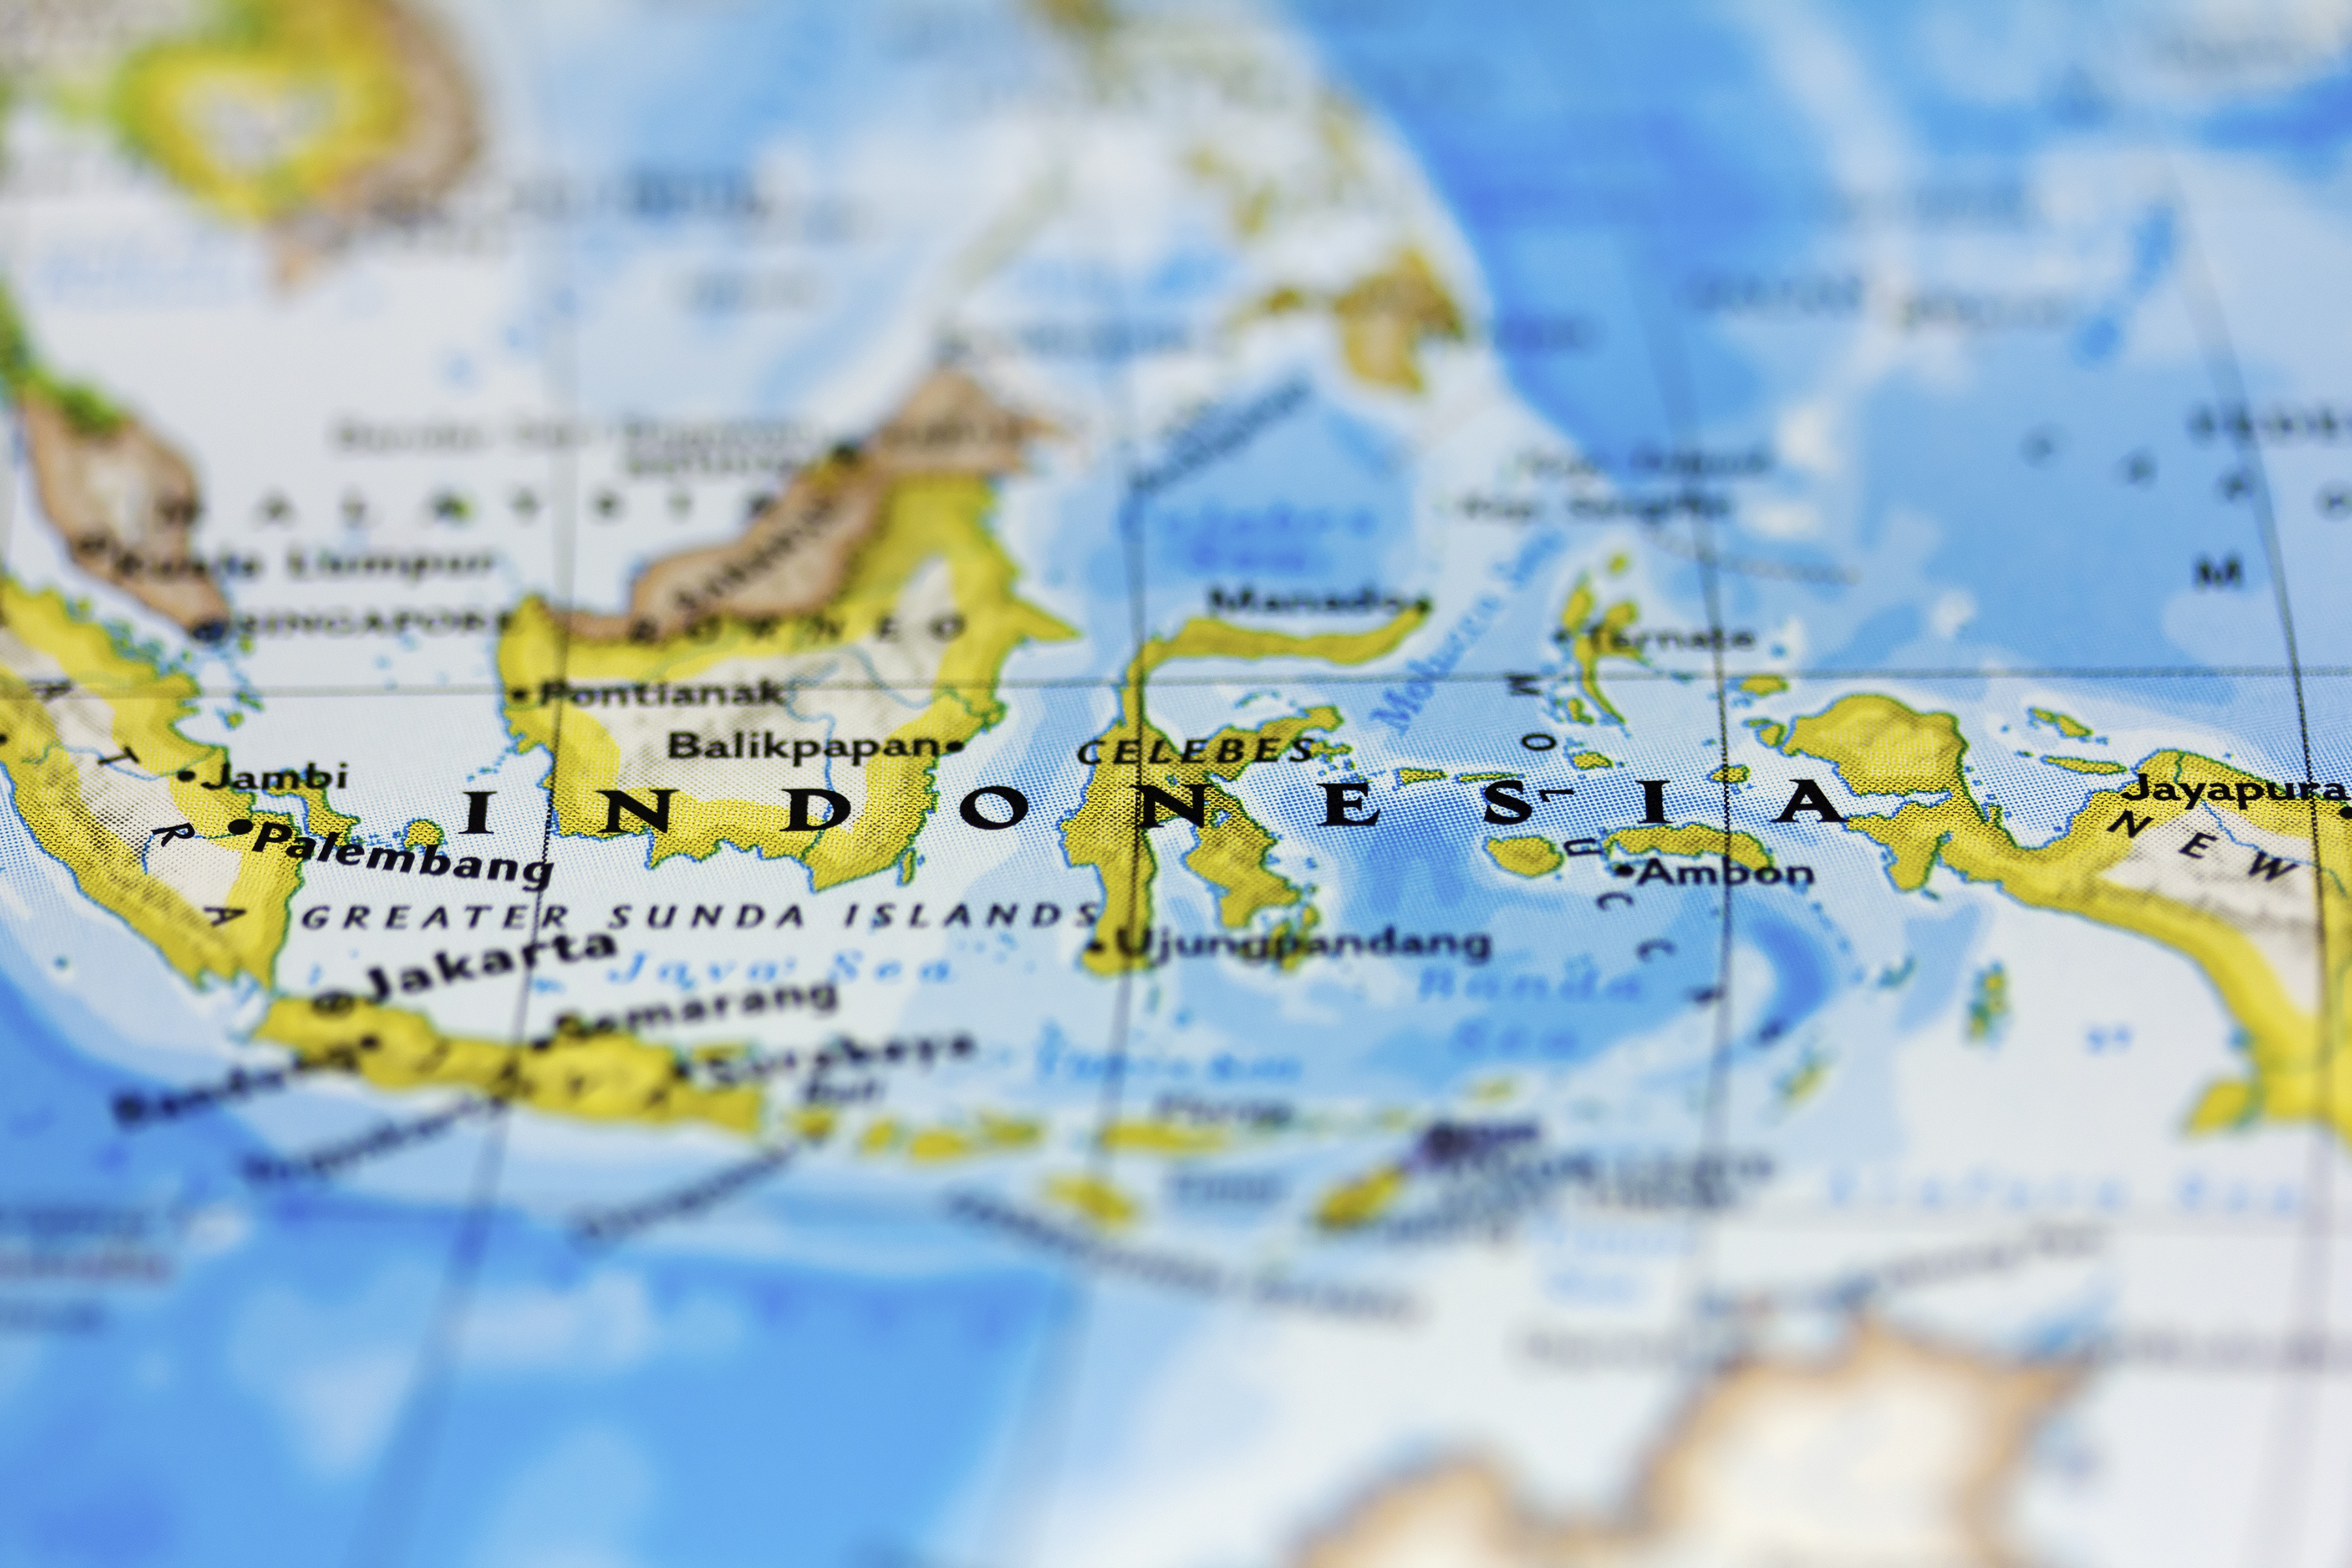 Tras terremoto de 7.9 grados en Indonesia se emite alerta de tsunami en Sumatra